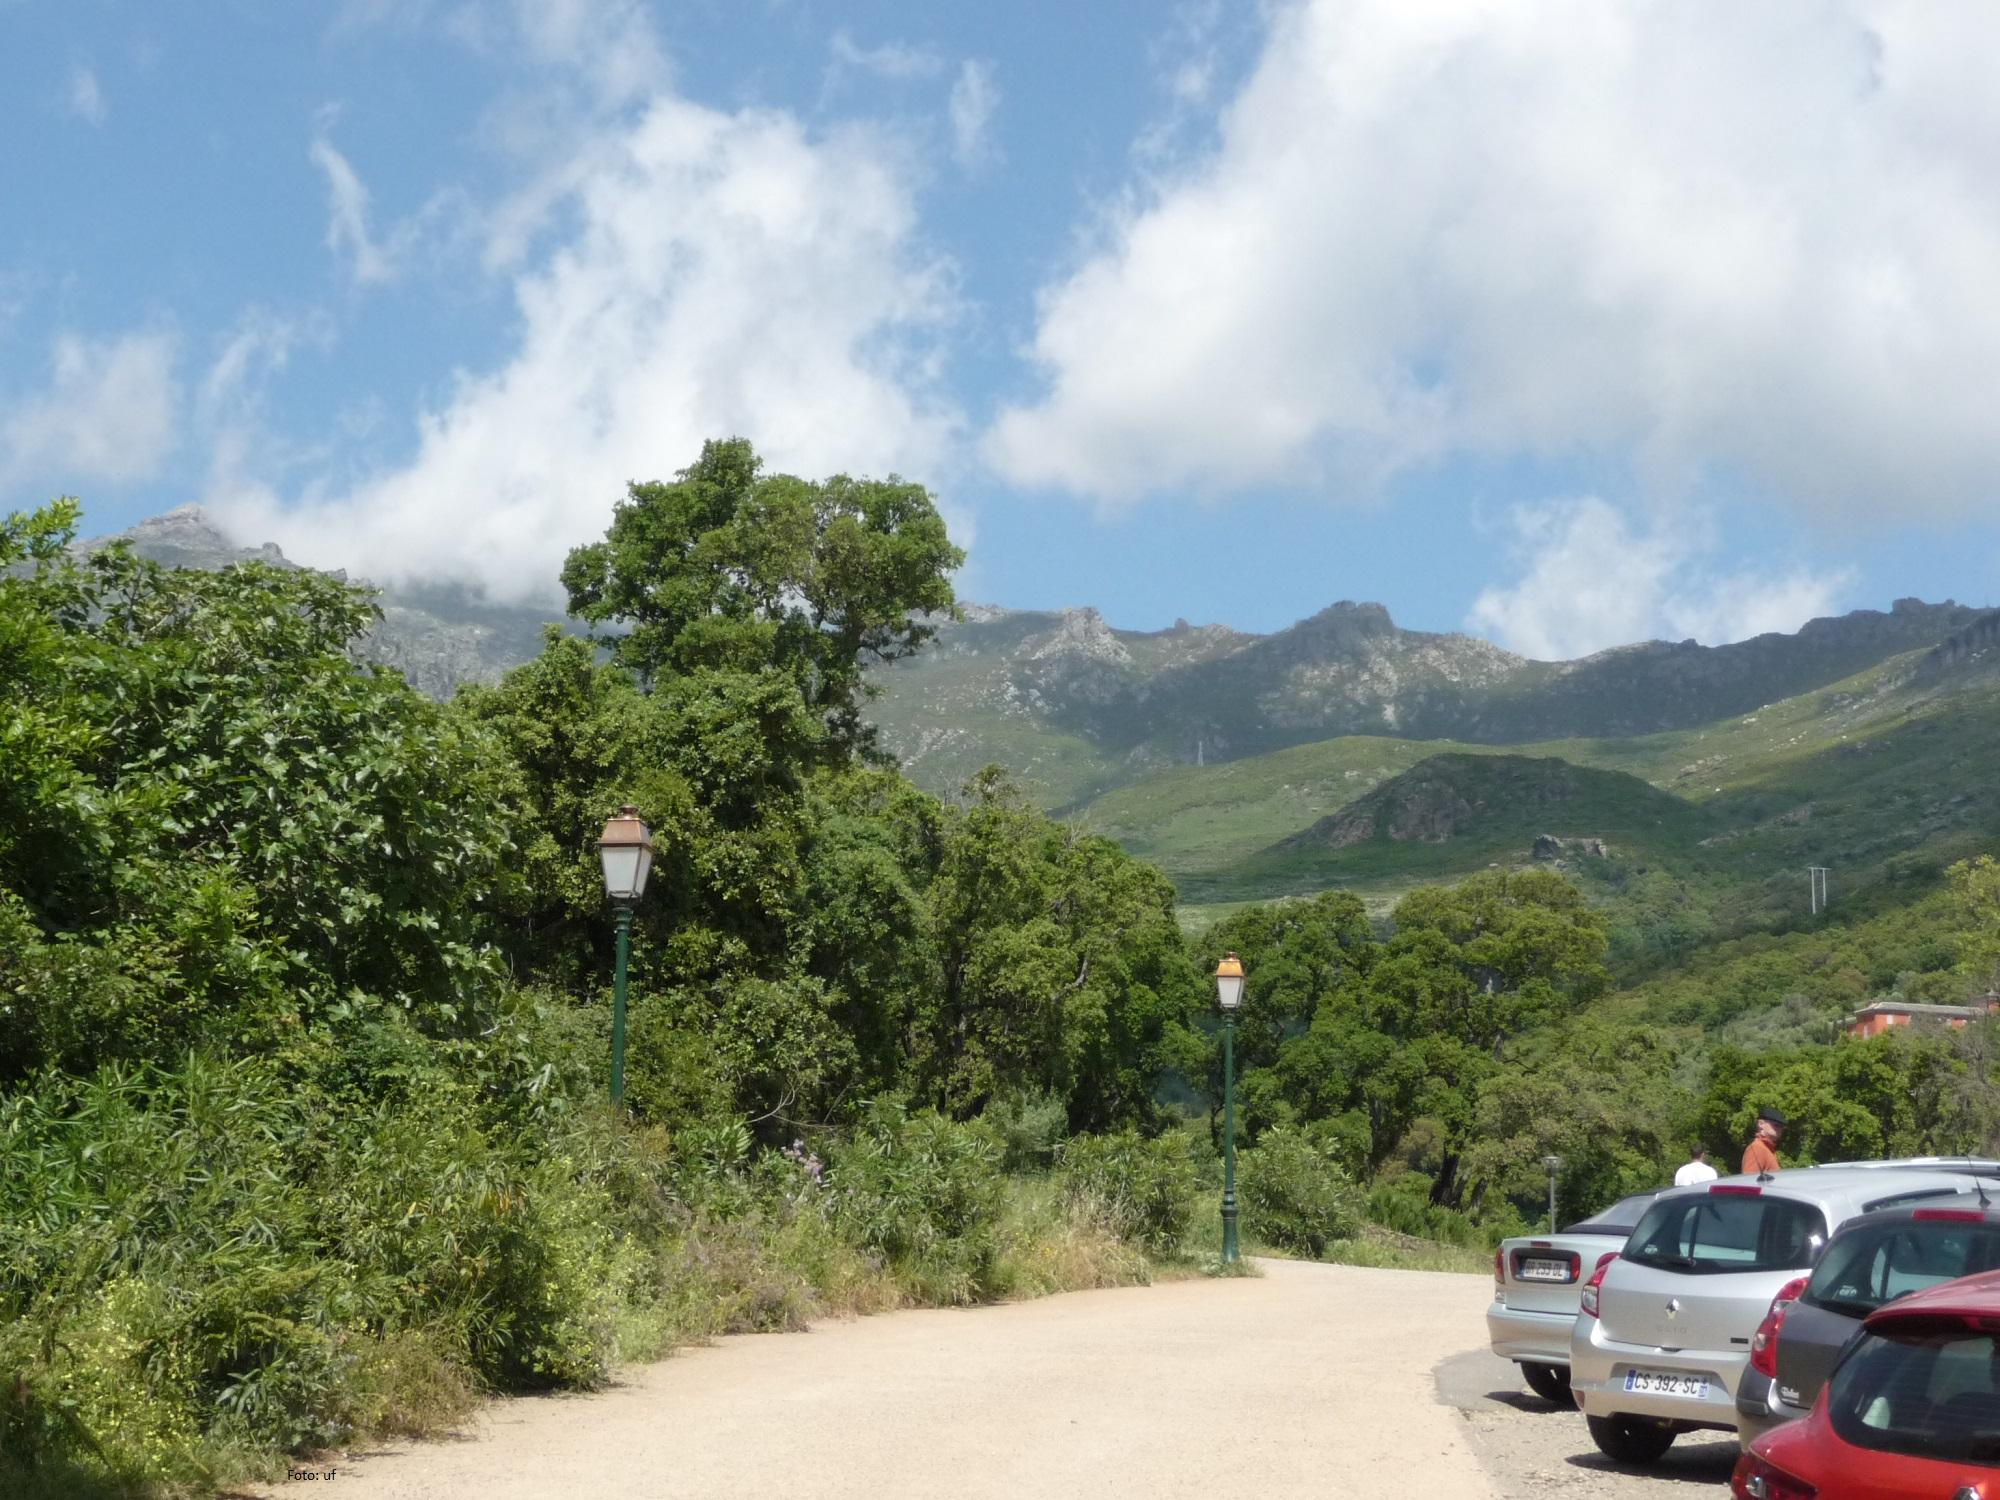 Gebirgszug aus Schiefergestein mit dem höchsten Berg Monte Stello von Cap Corse (1307 m)